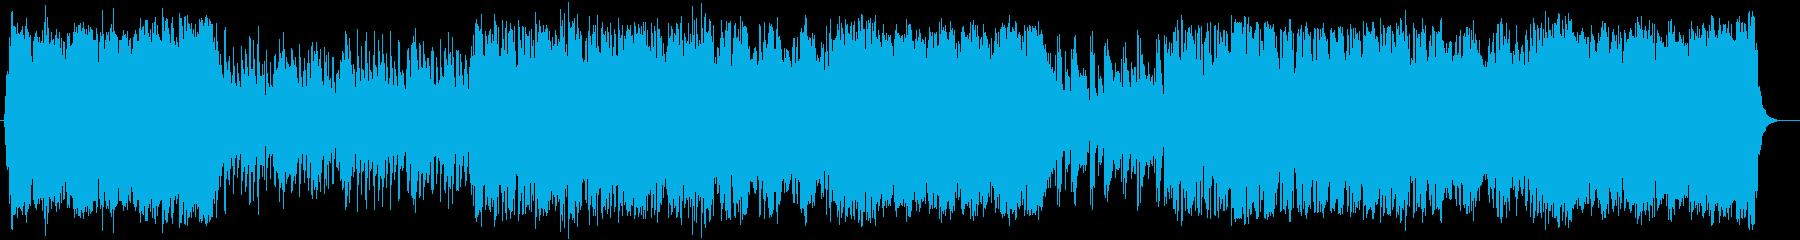 元気のある前向きで壮大なアップテンポの音の再生済みの波形